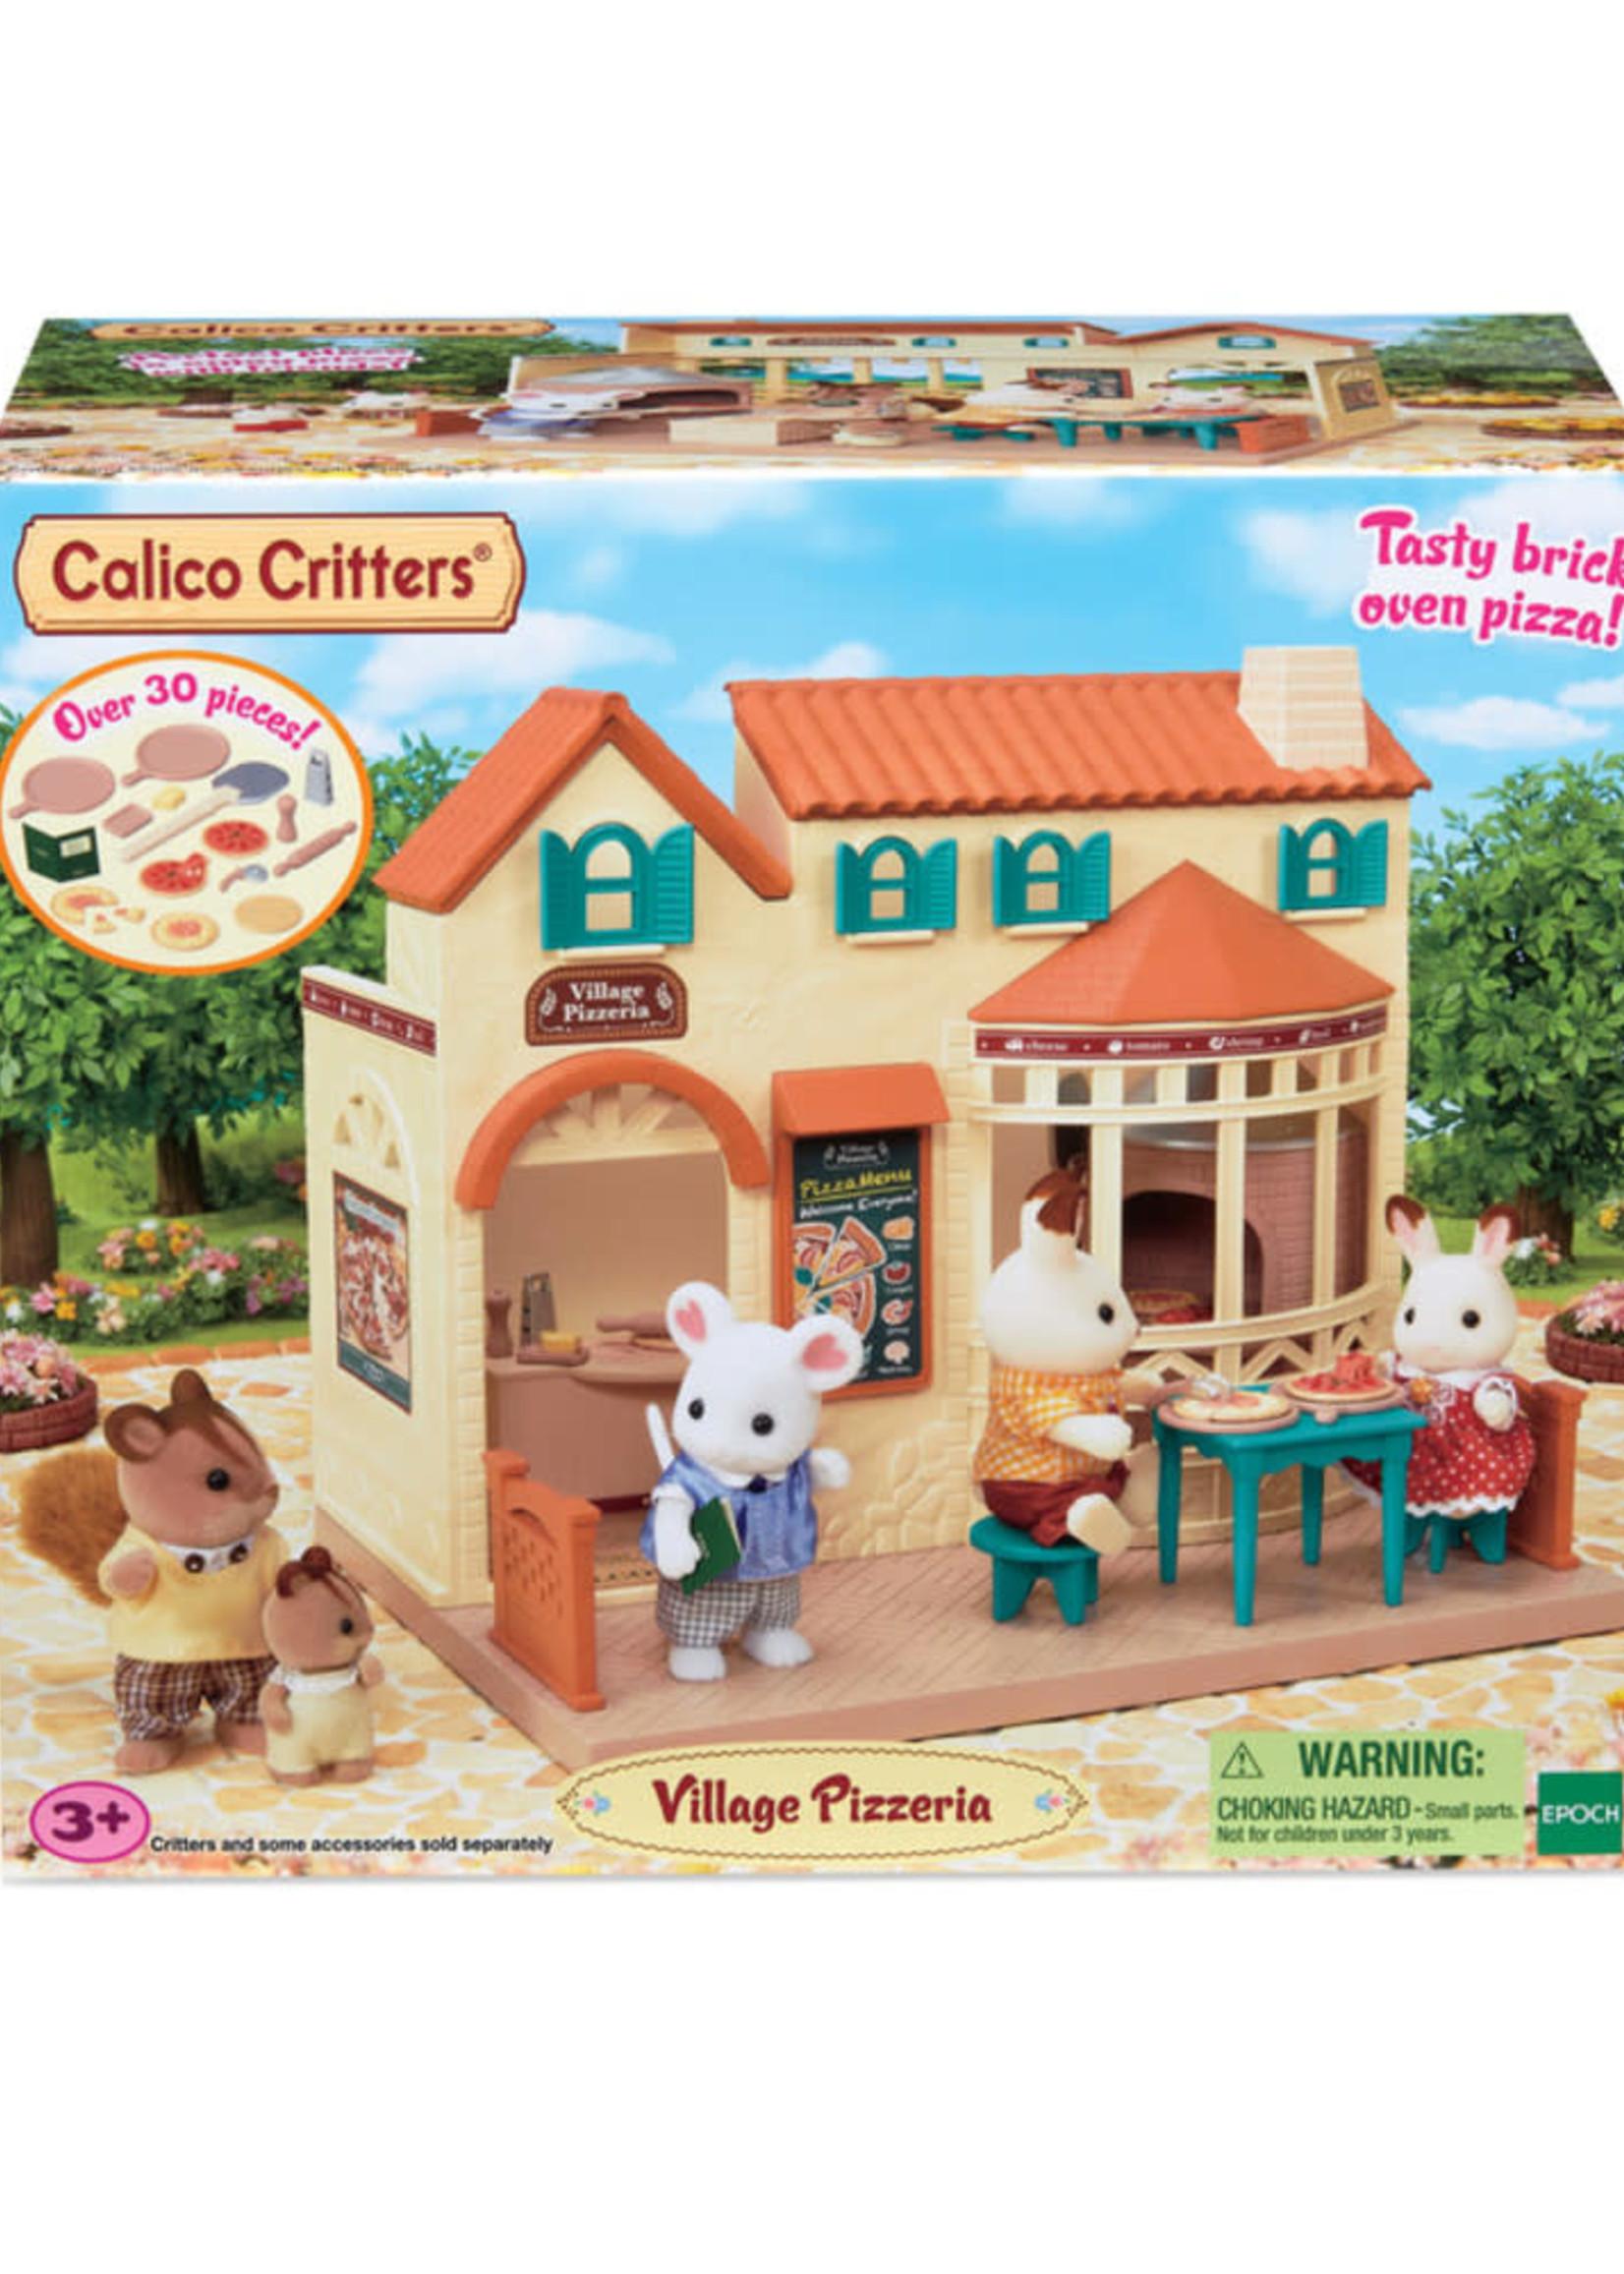 Calico Critters Village Pizzeria